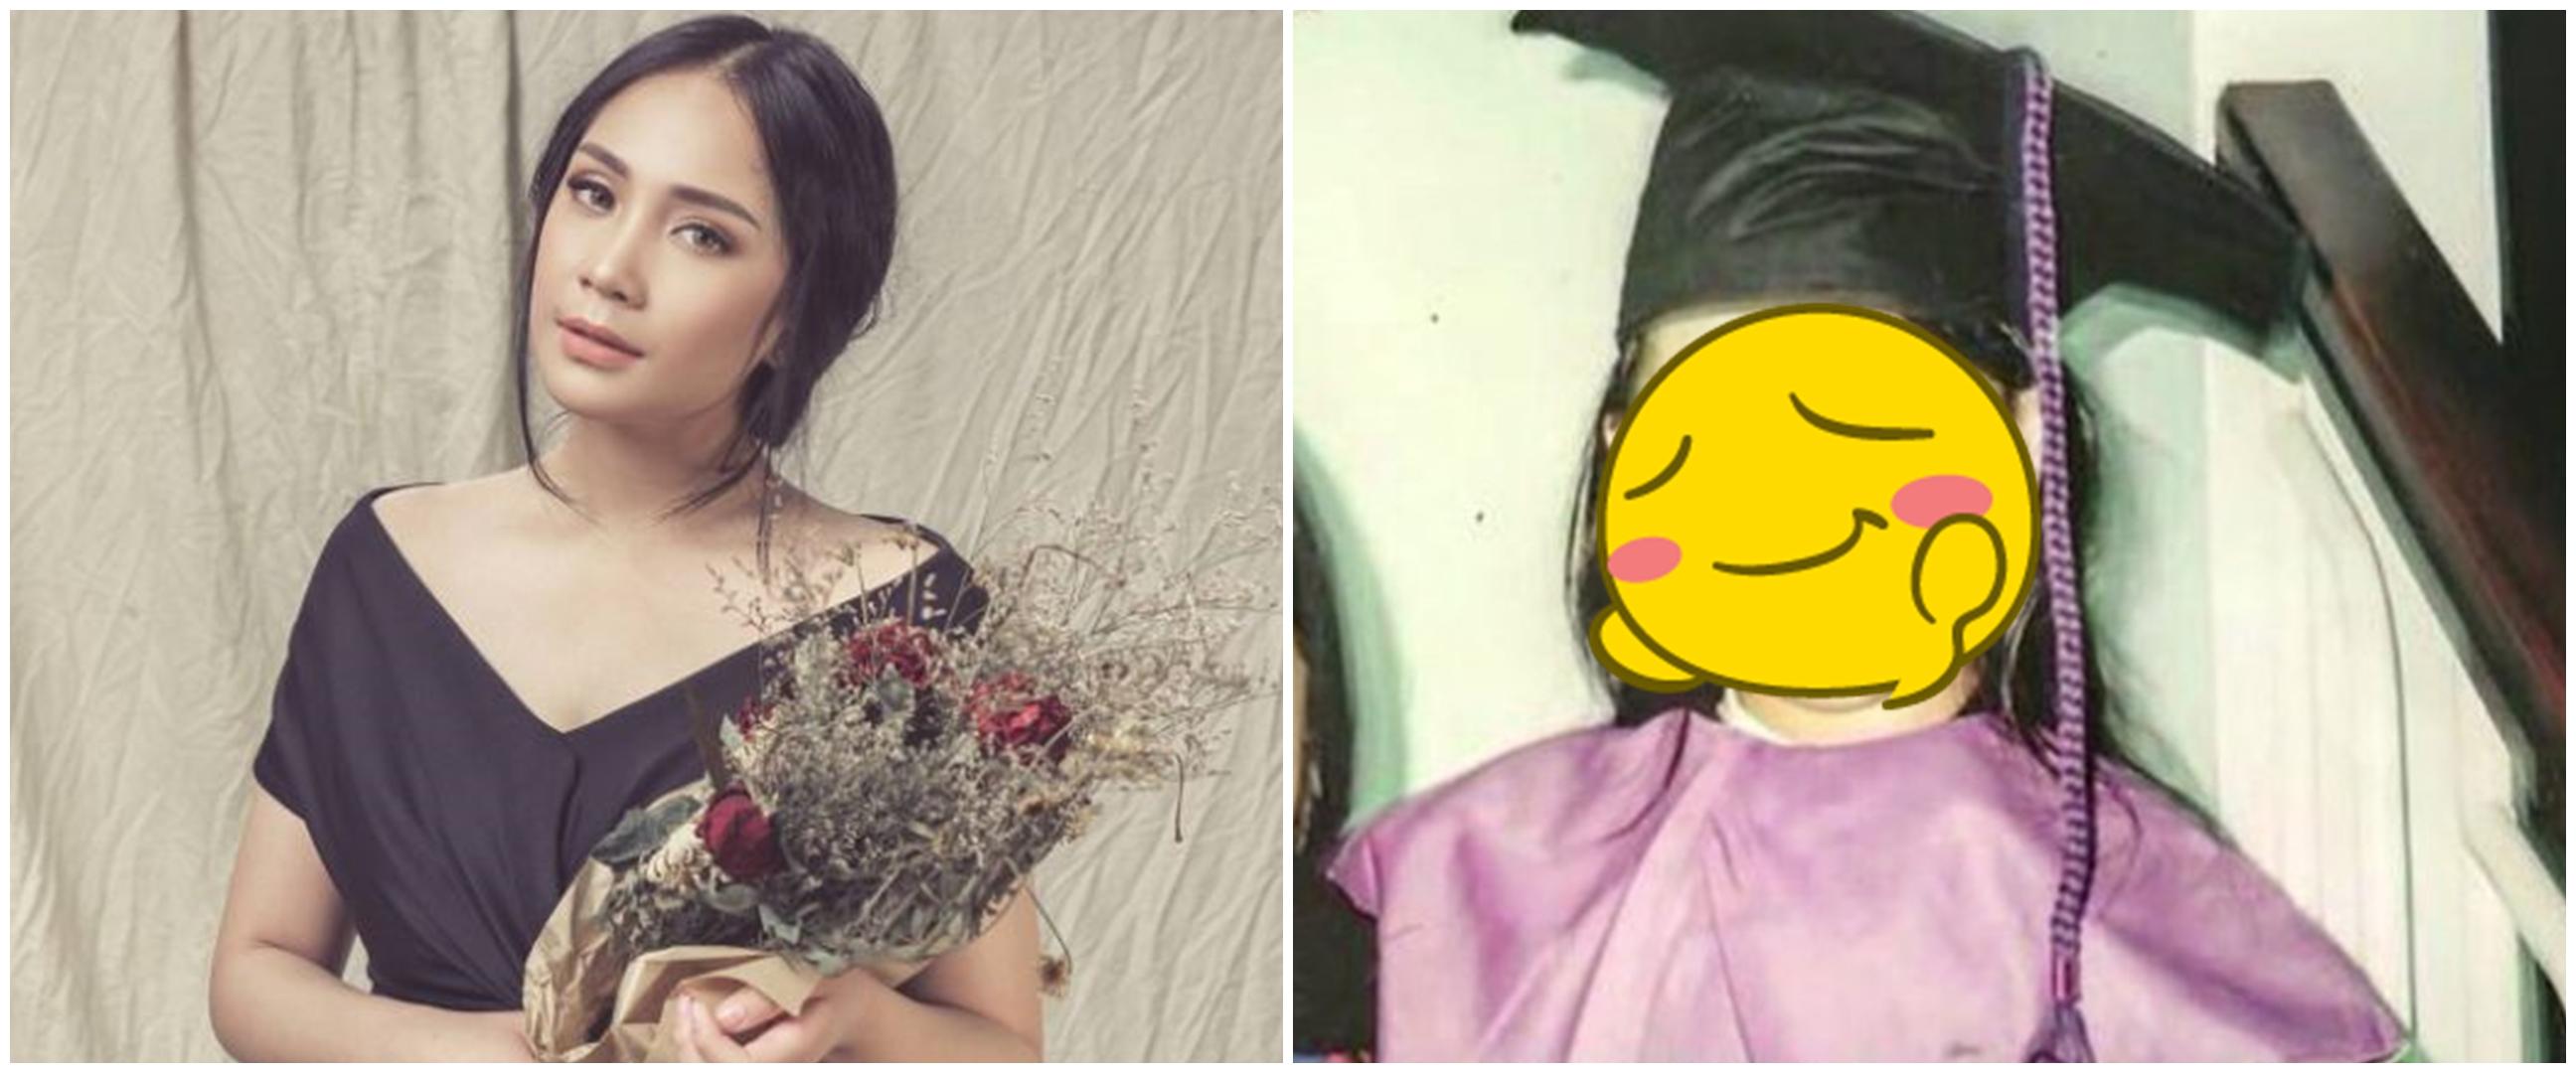 8 Potret lawas Nagita Slavina zaman sekolah, ekspresinya gemesin abis